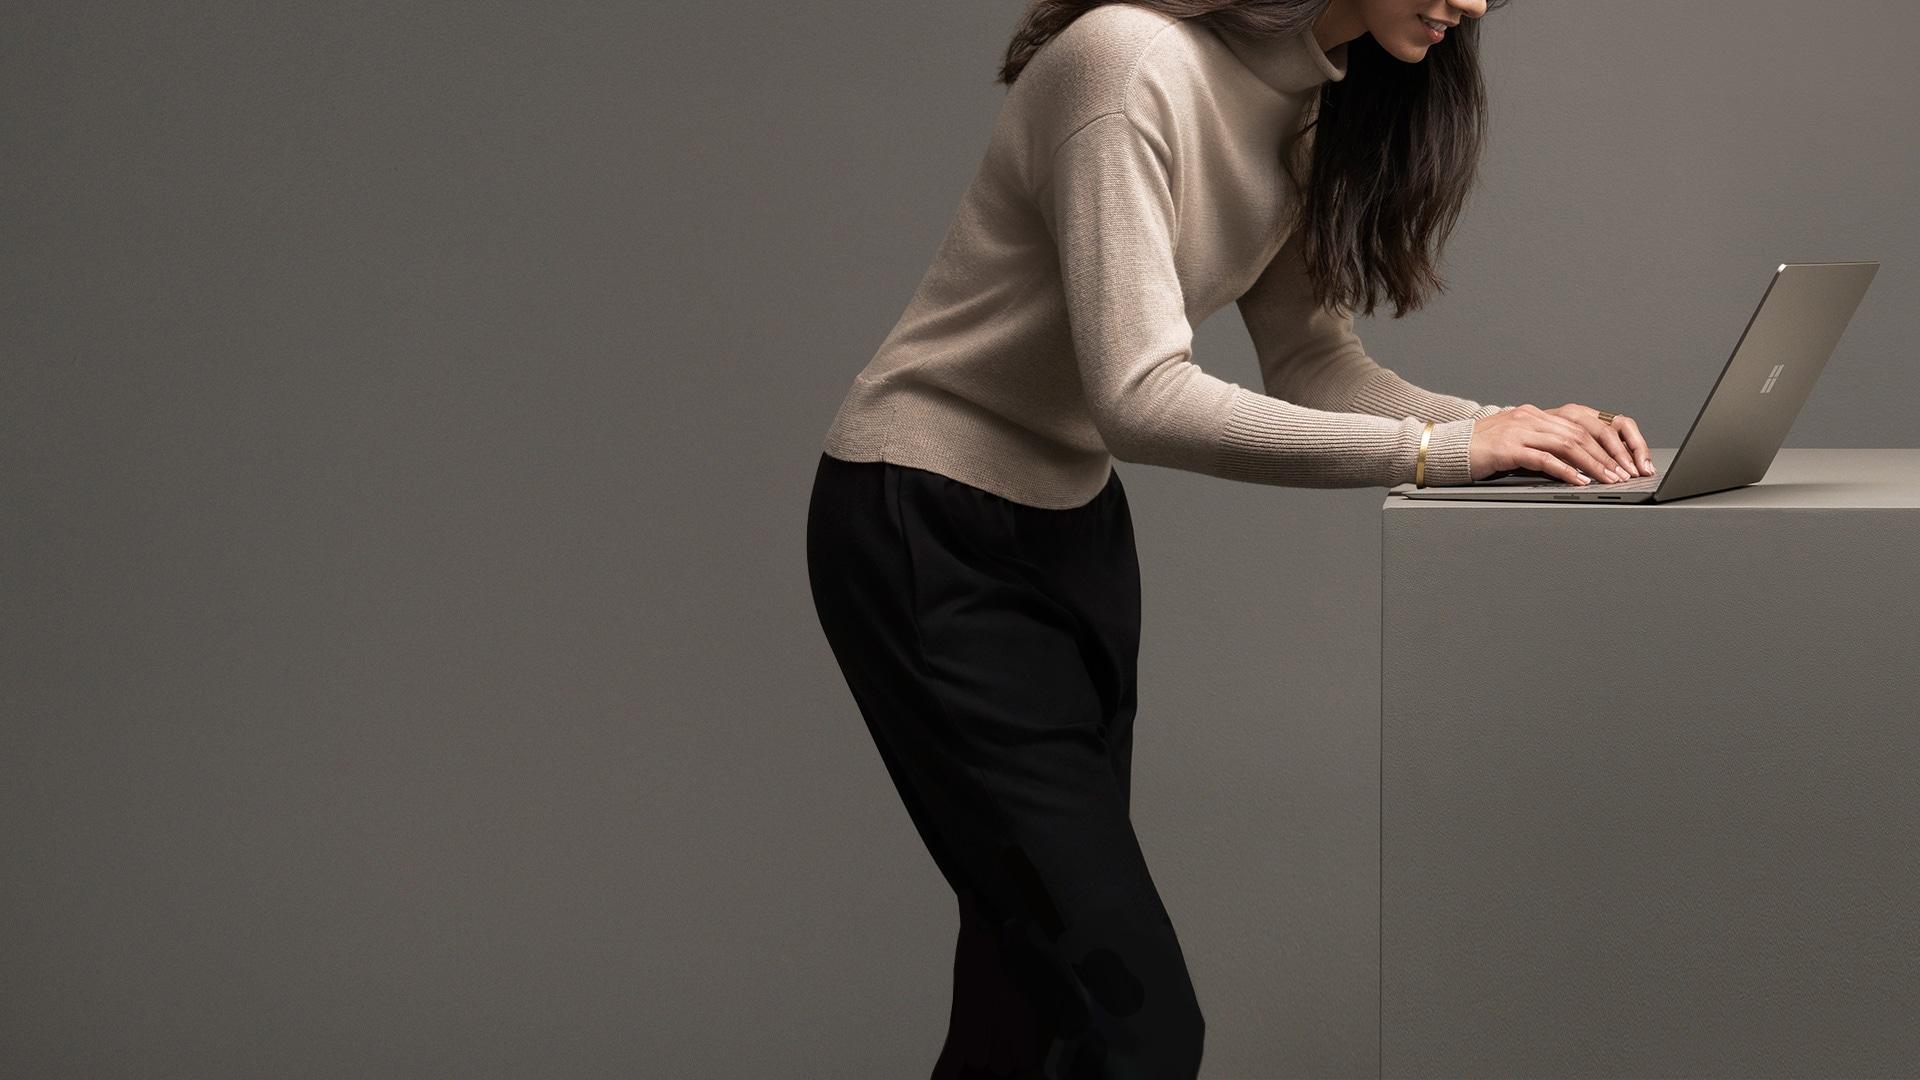 Kvinde, der skriver på Surface Laptop (grafitguld).